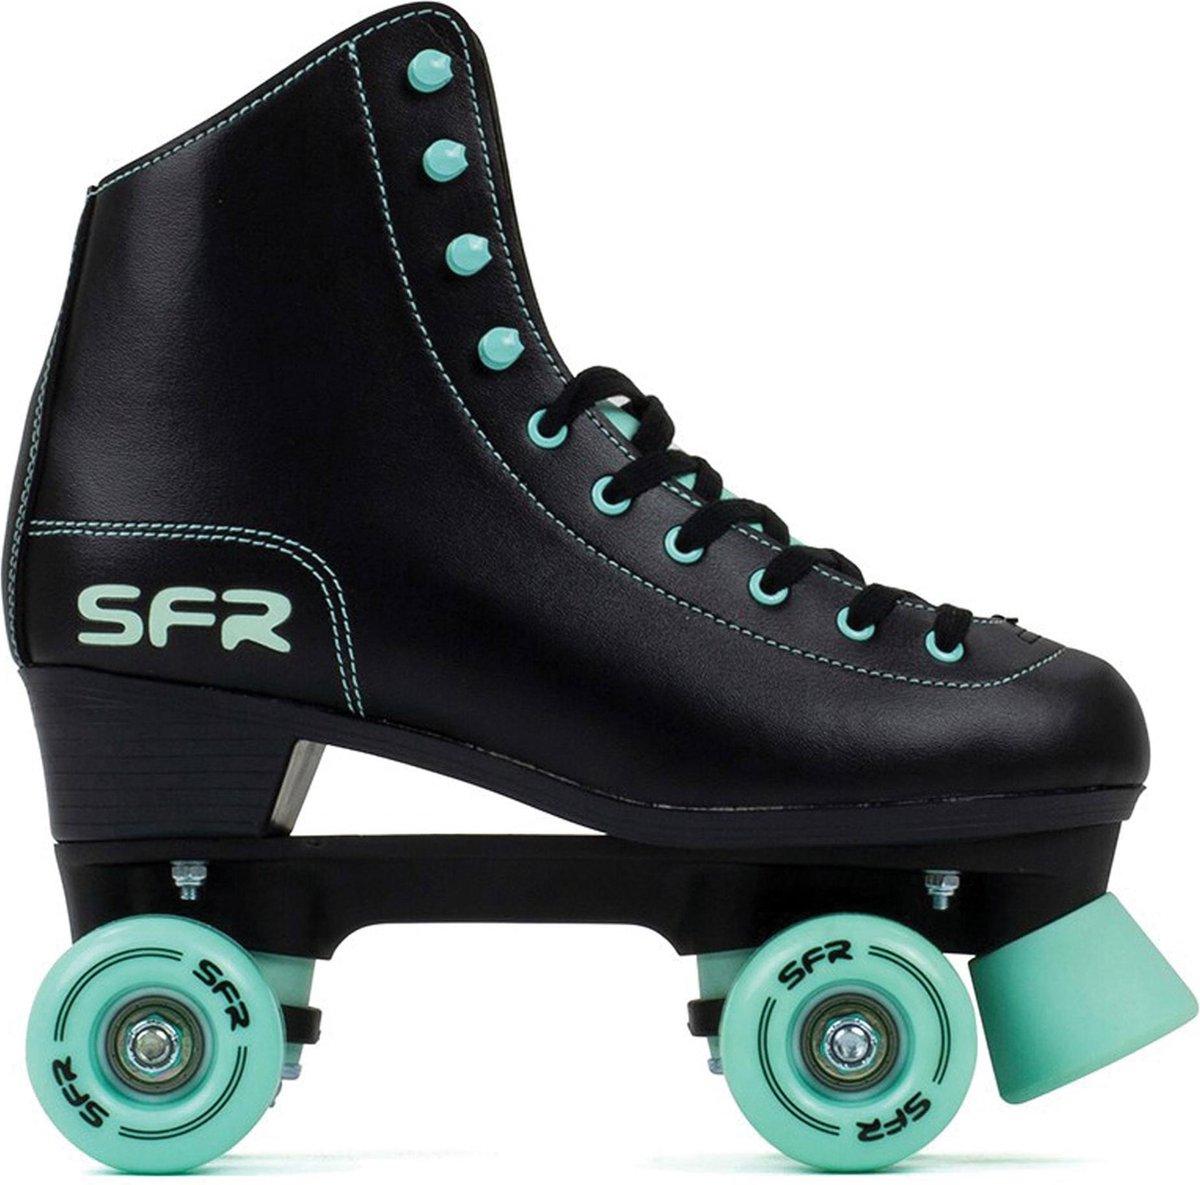 SFR Rolschaatsen - Maat 34Kinderen - Zwart/Mint groen